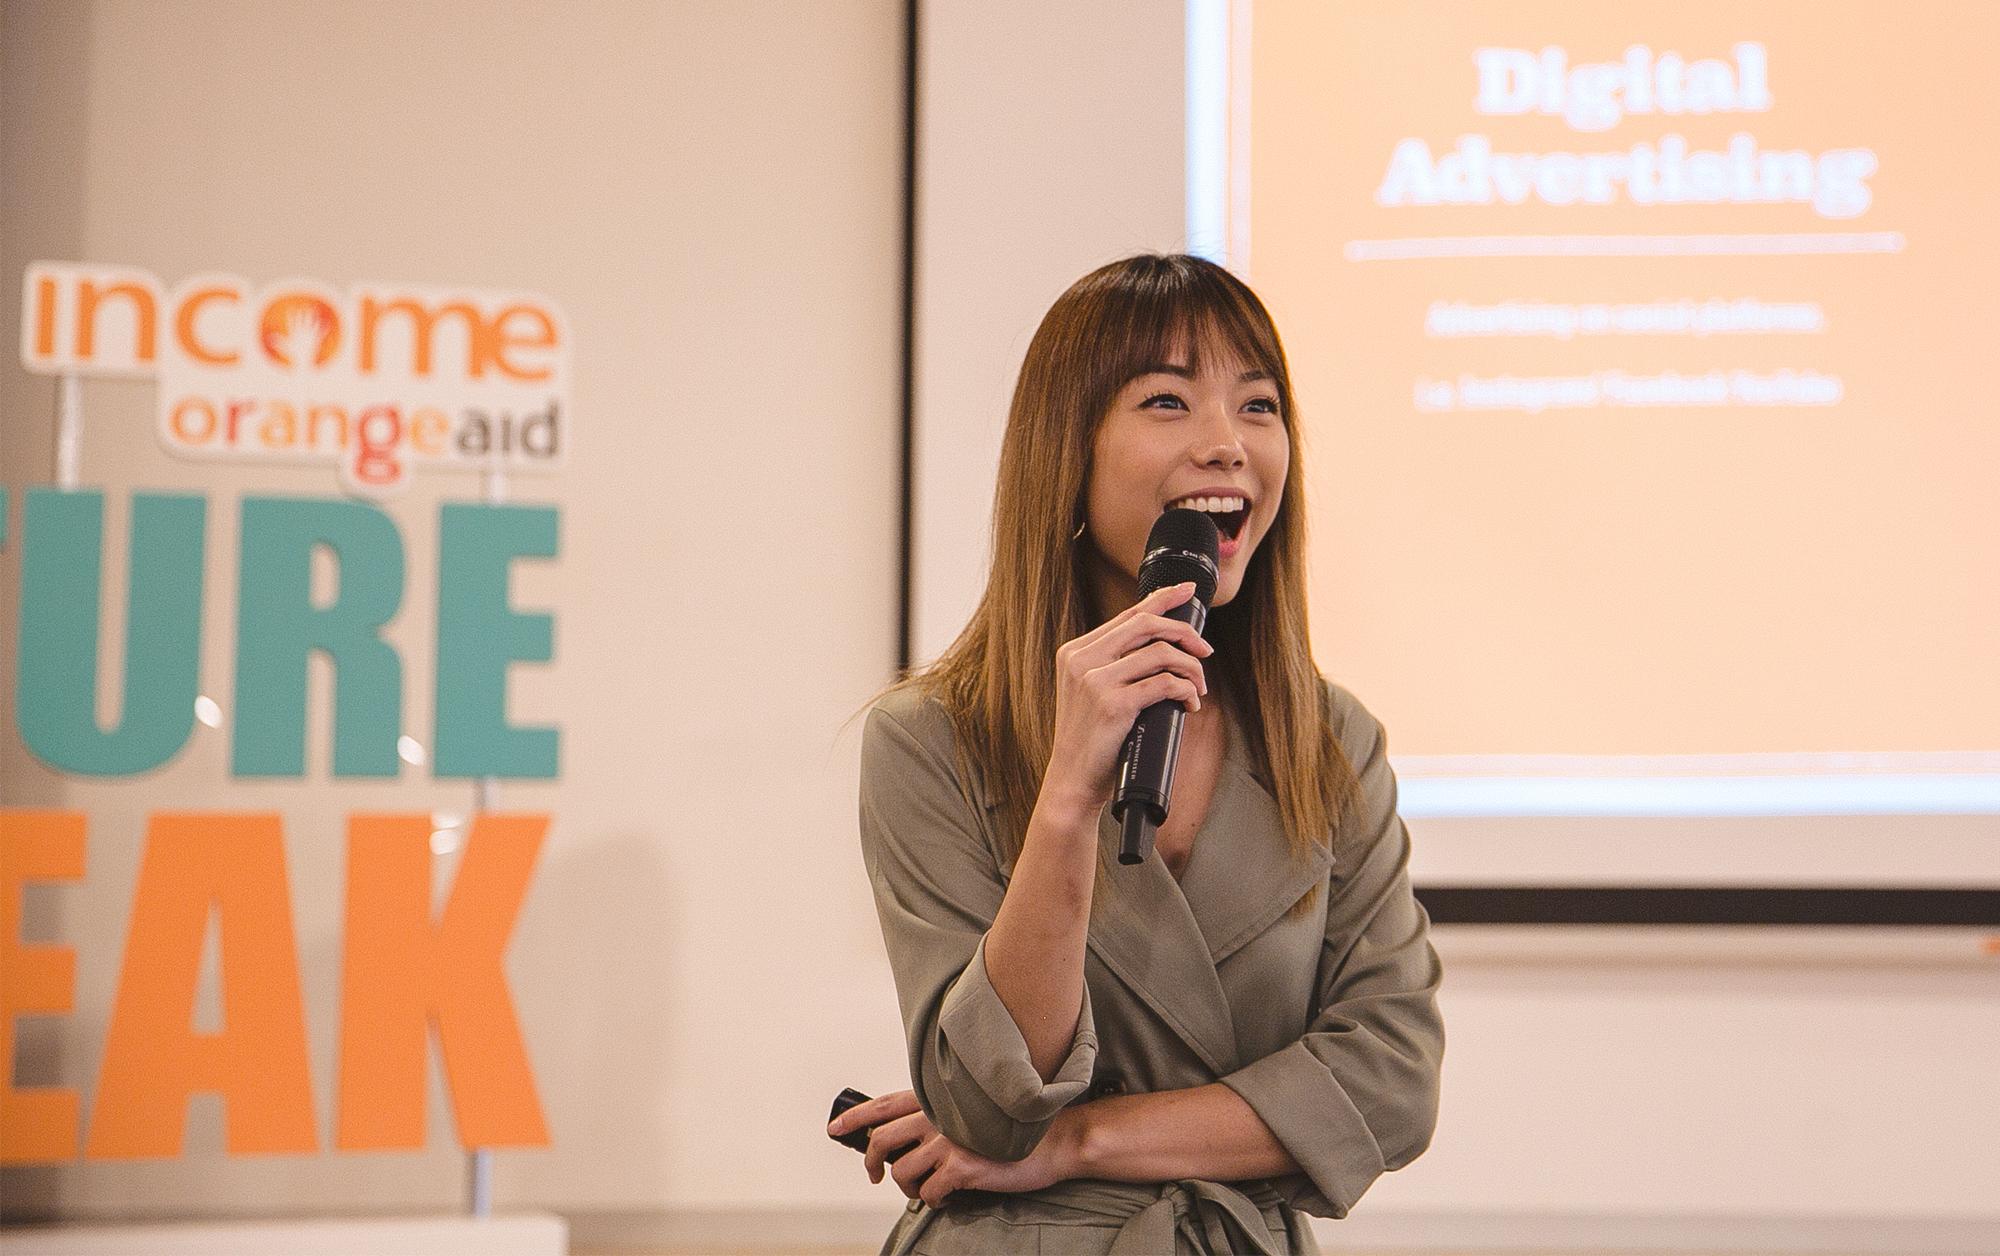 Speaking at Income OrangeAid's #FutureSpeak Seminar